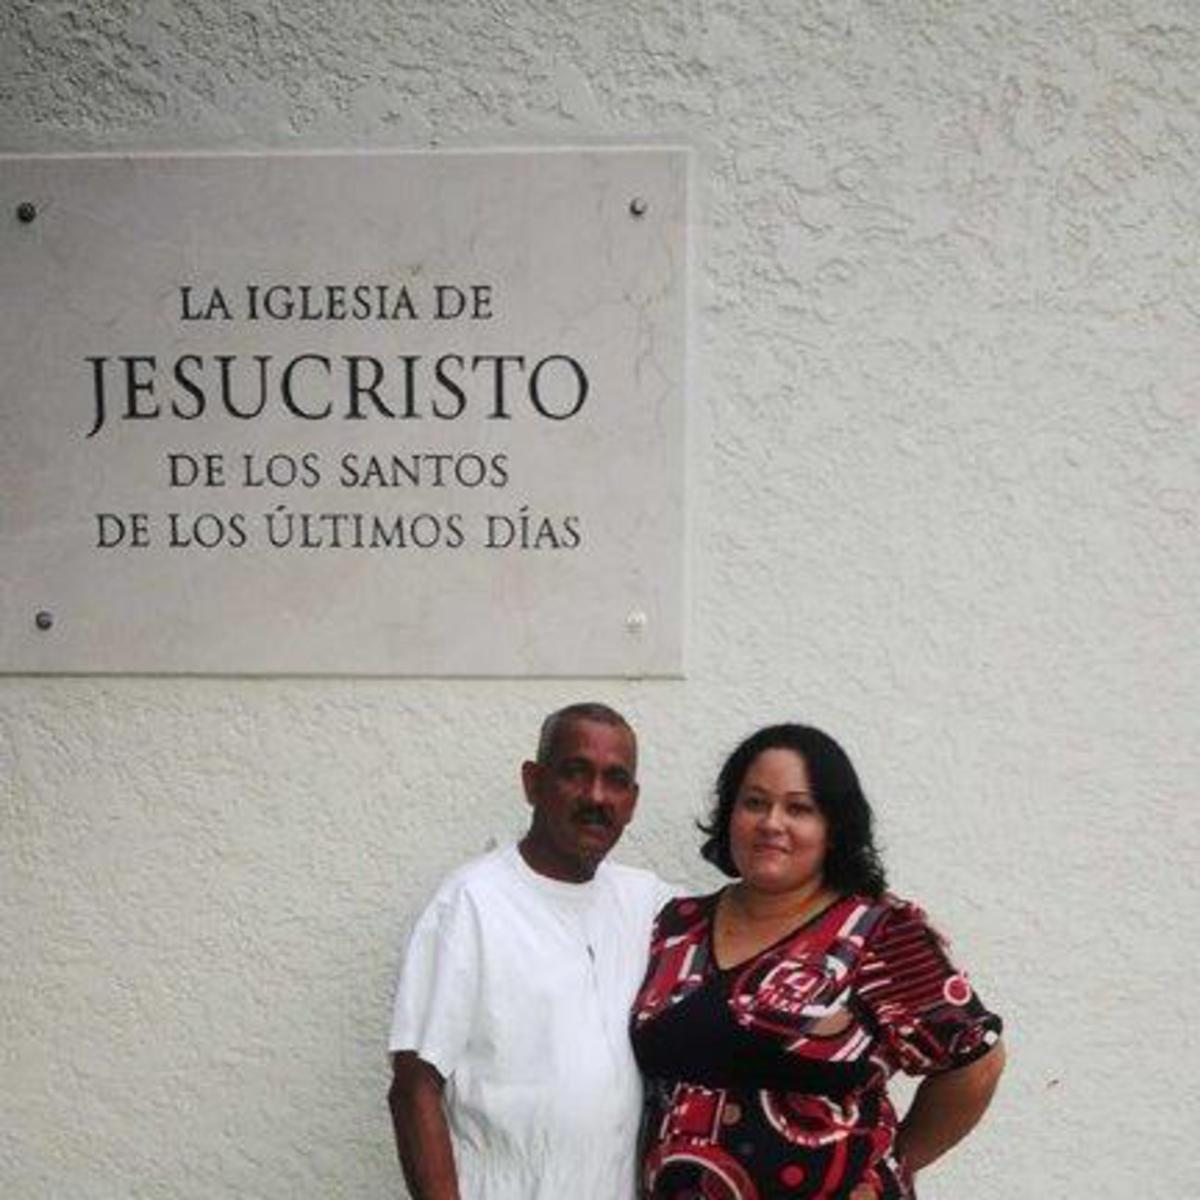 La hermana Carla el dia del baustimo de su esposo el hermano Jorge Ernesto Leguen Varona.jpg